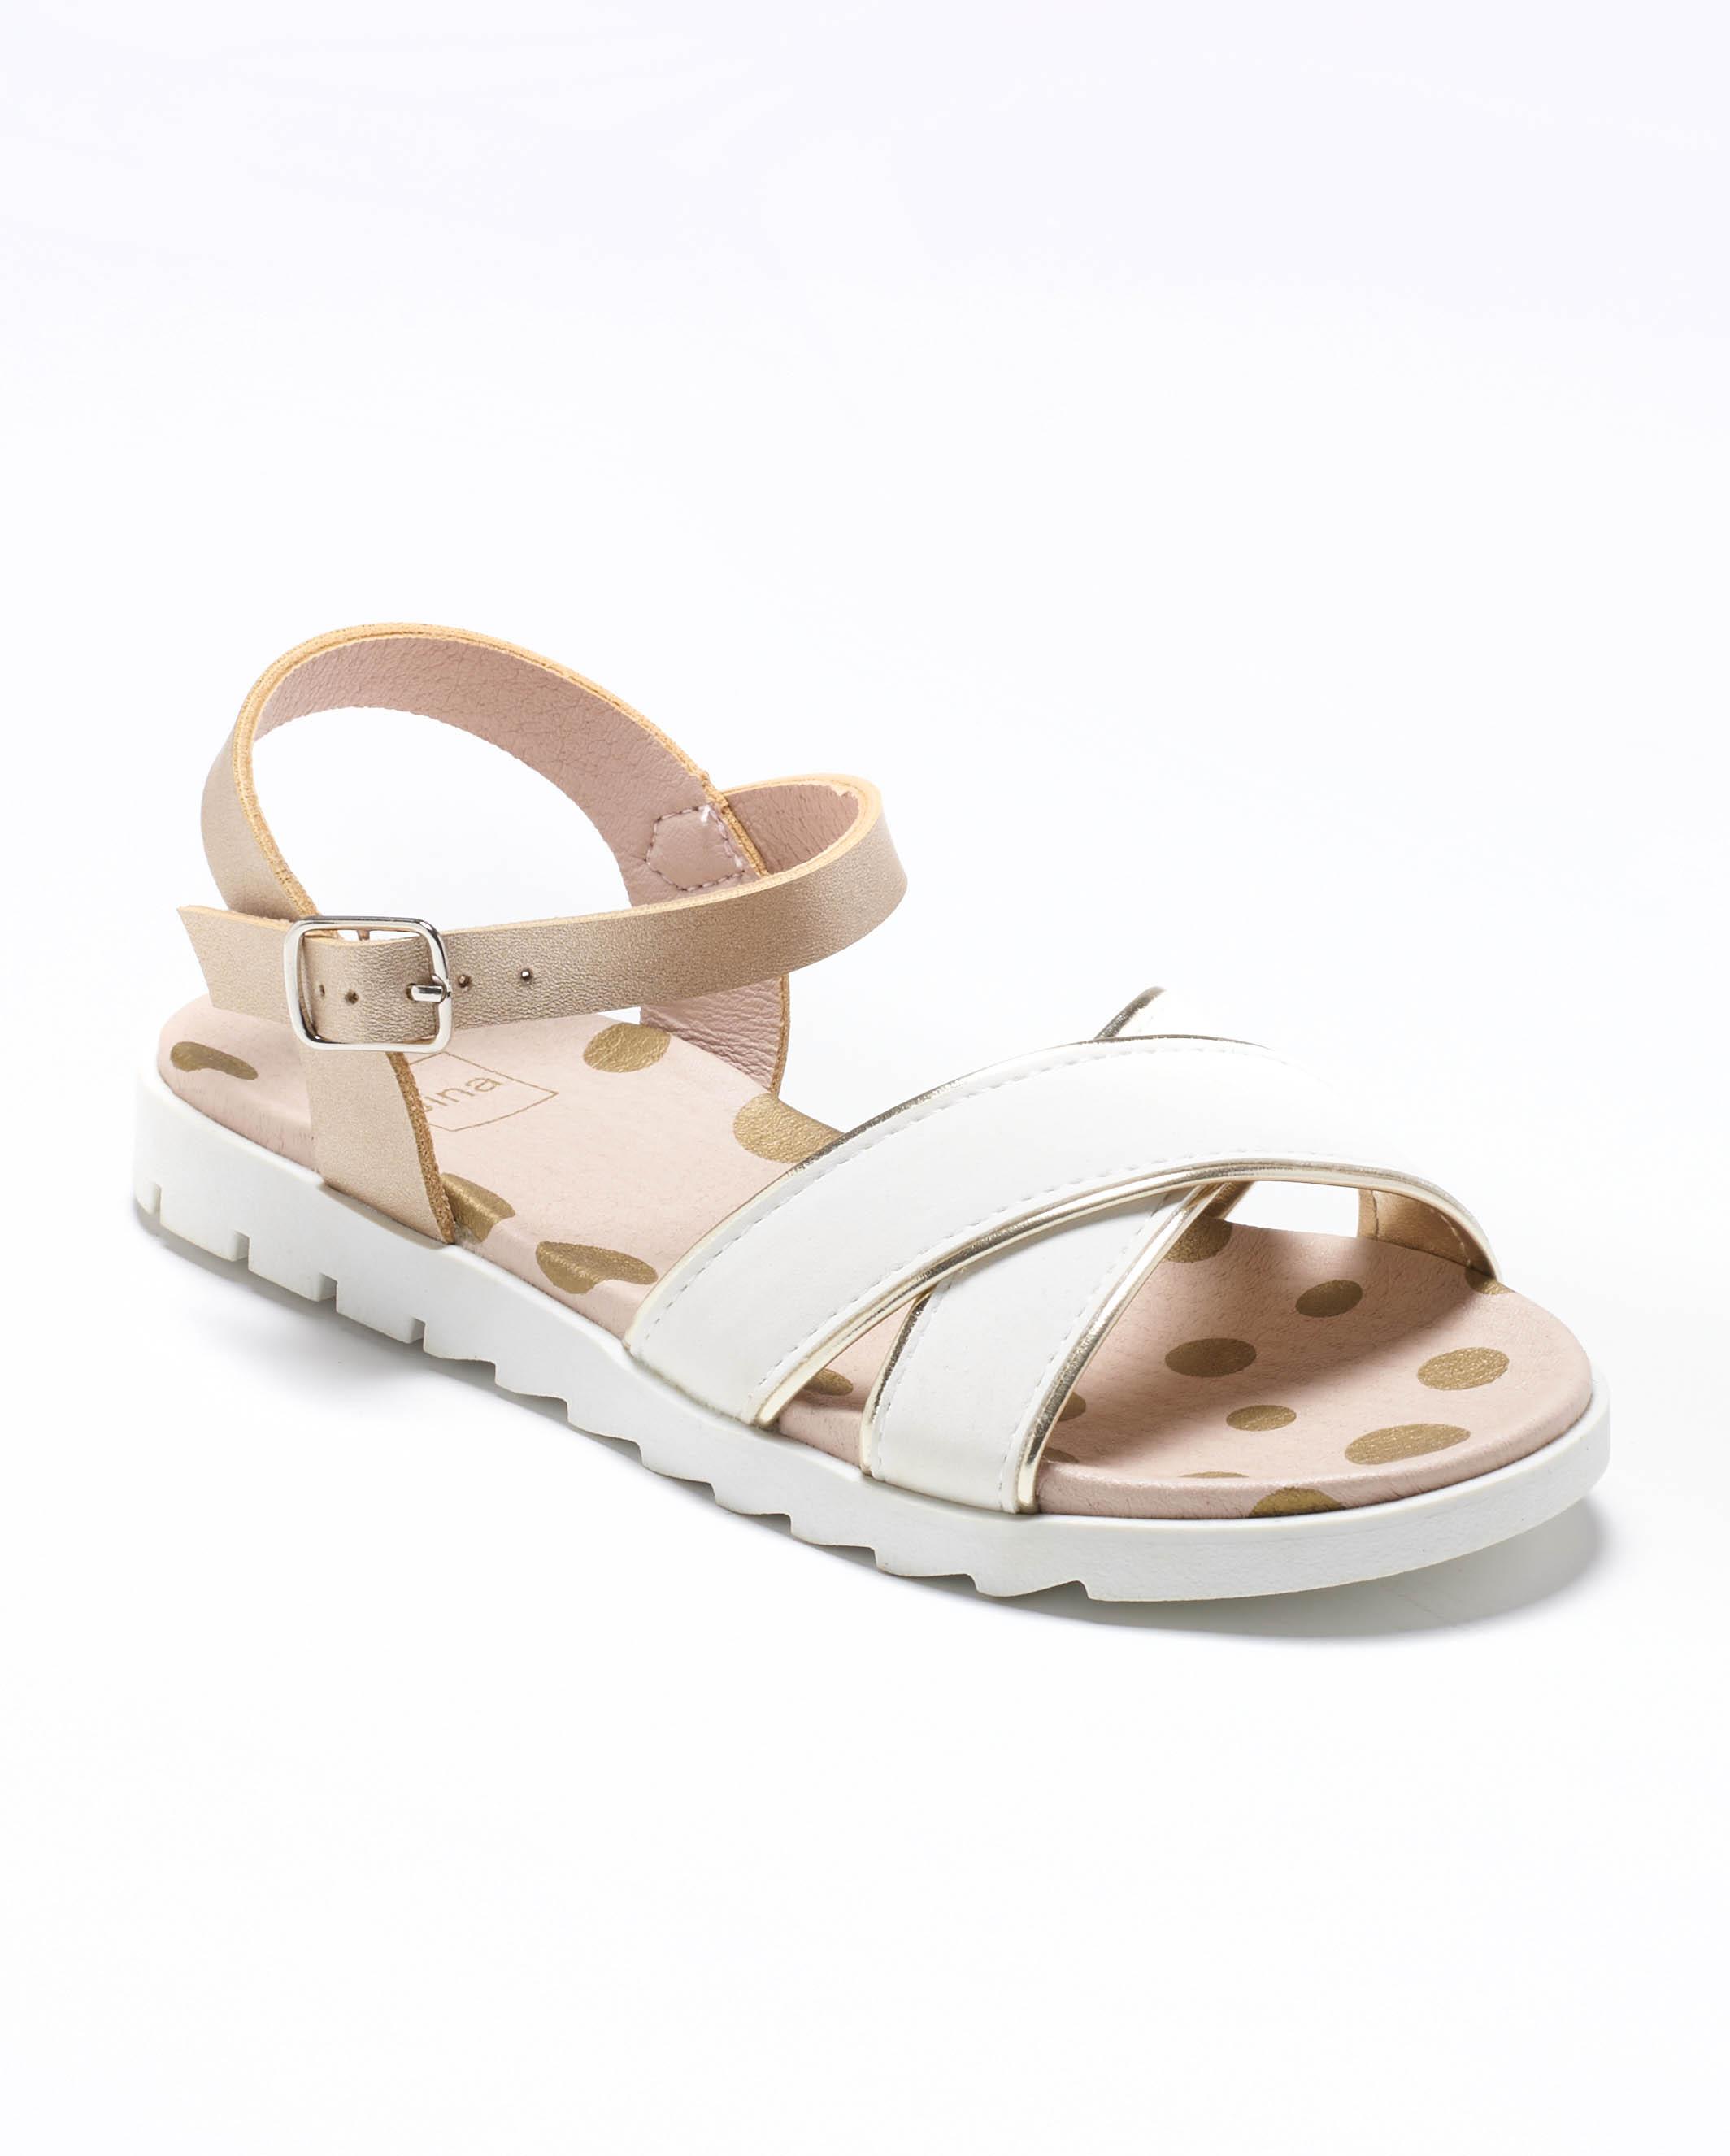 Sandales Fille - Sandale Ouverte Blanc Or Jina - Ydxls1826m-2